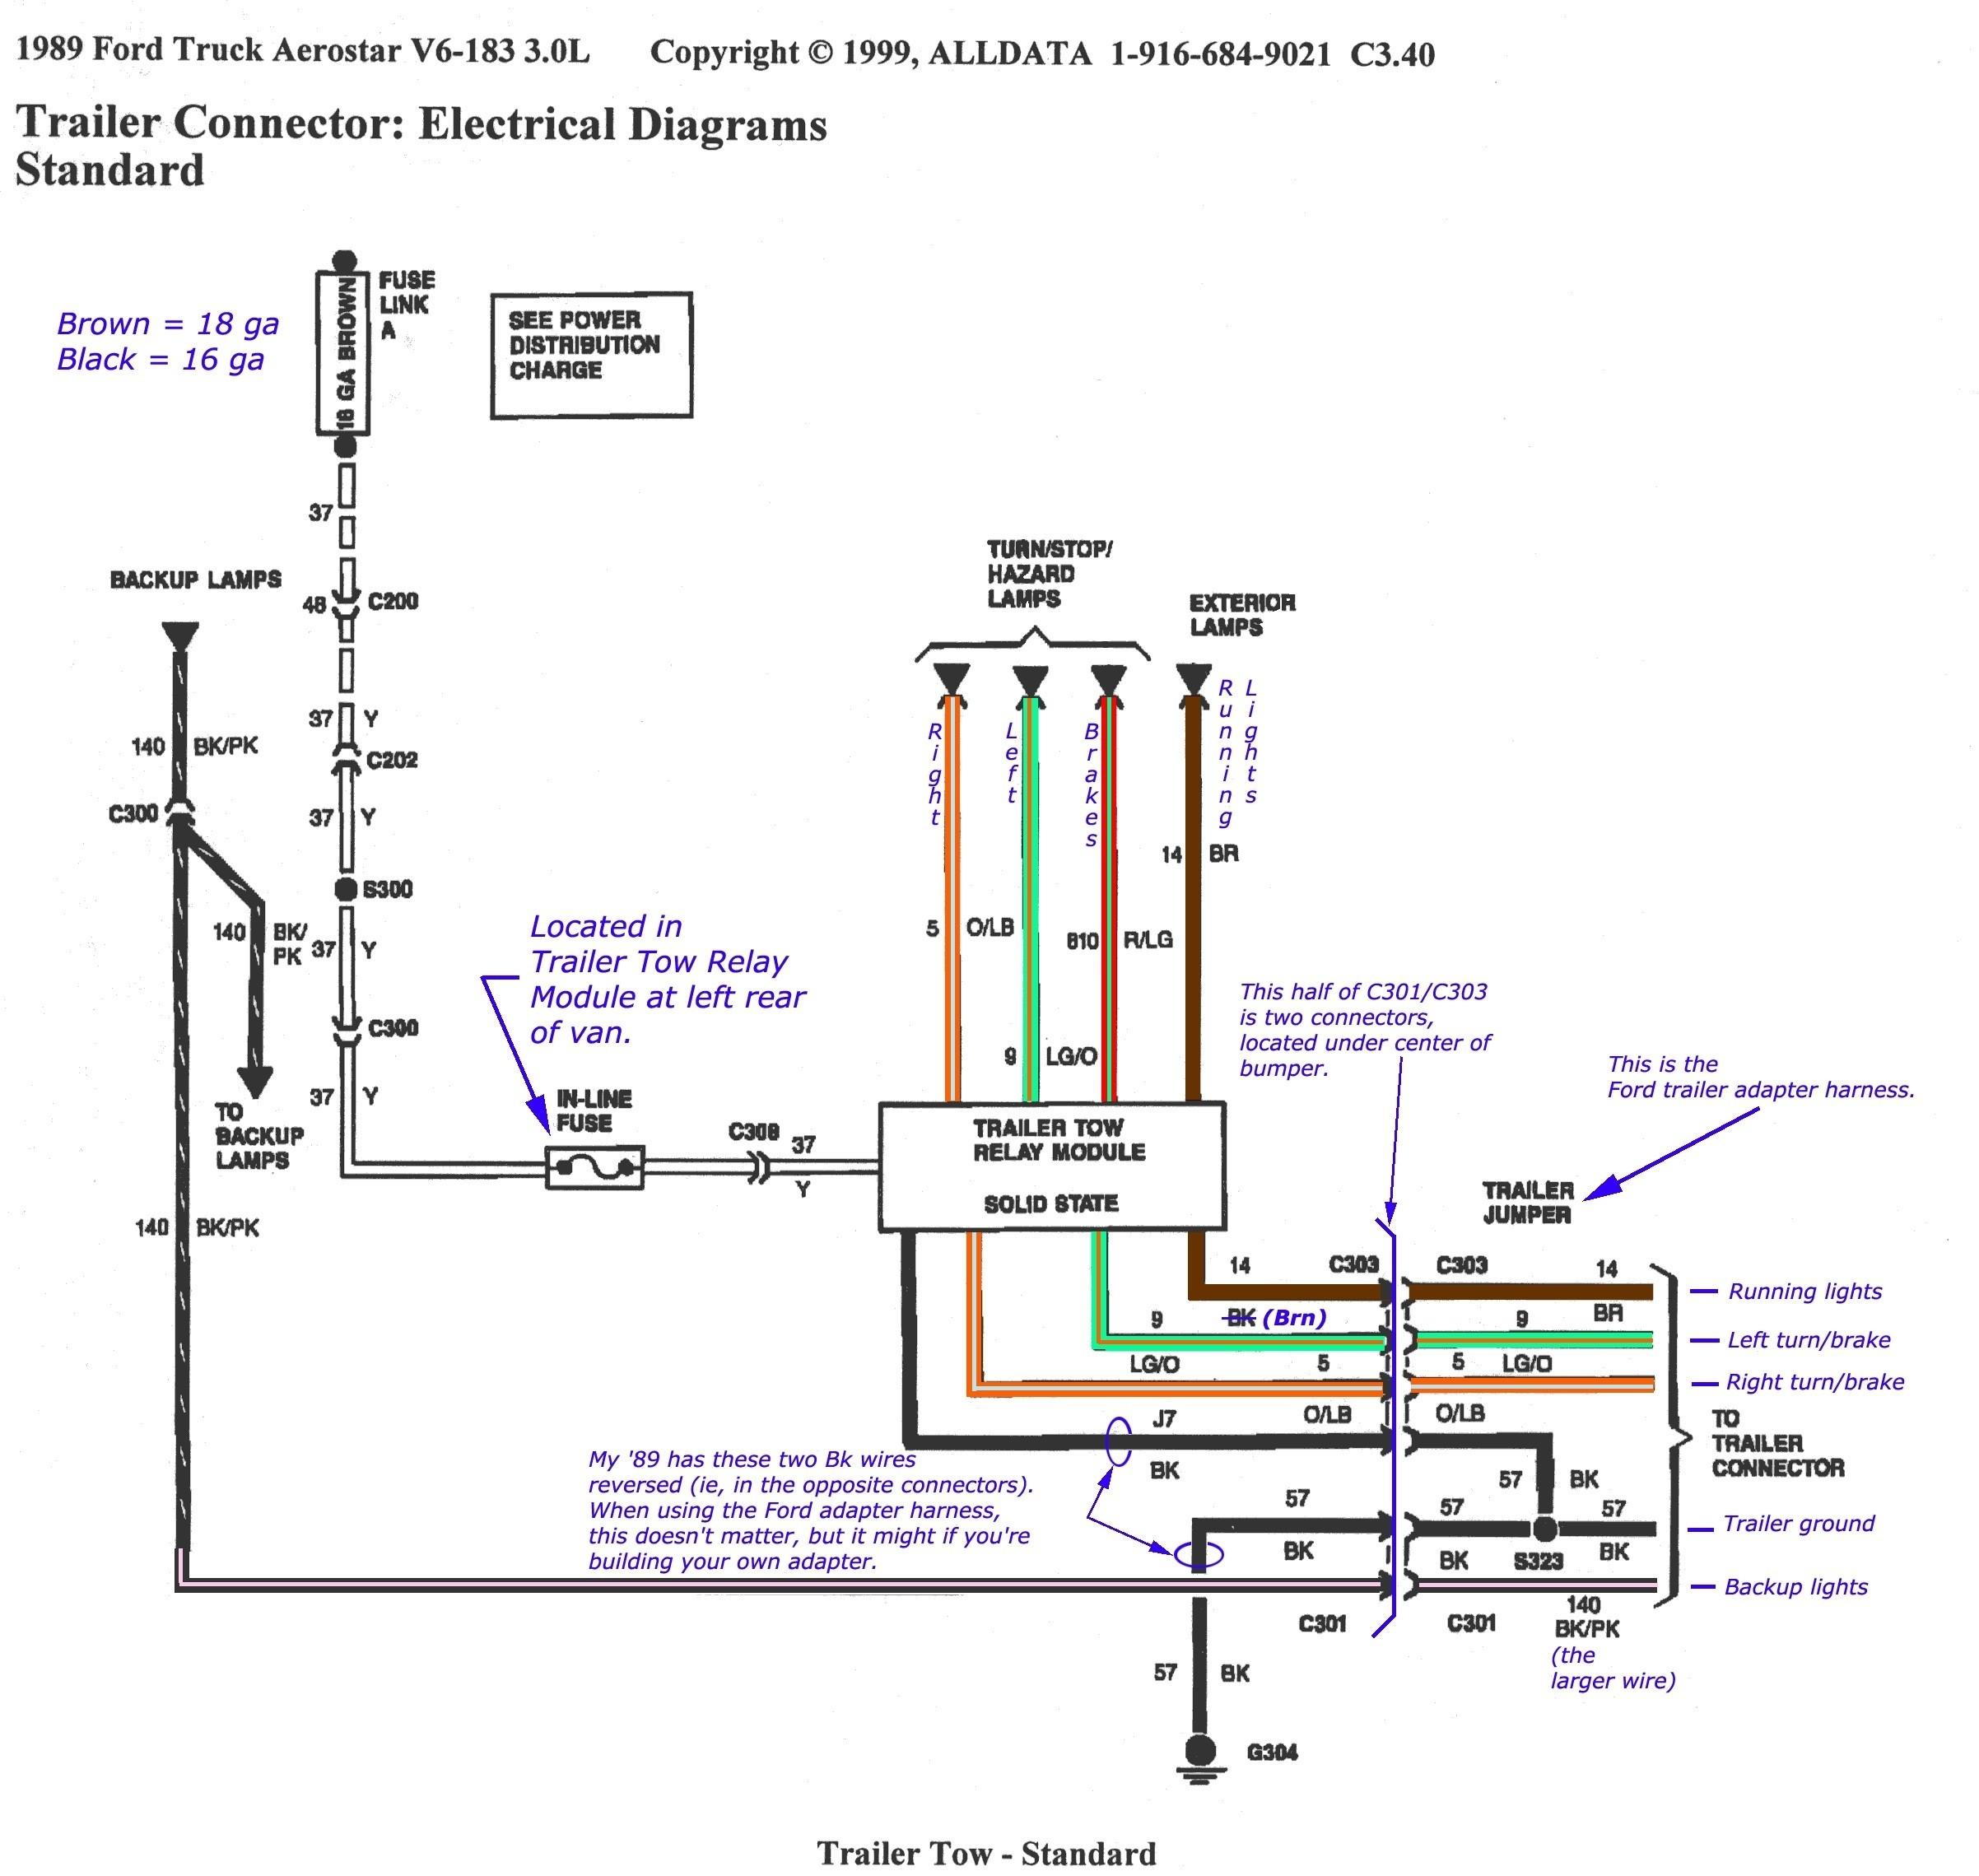 rr trailer wiring diagram online wiring diagram Motorhome Trailer Wiring Diagram loadmaster trailer wiring diagram online wiring diagram r\u0026r snowmobile trailer wiring diagram load trail trailer wiring